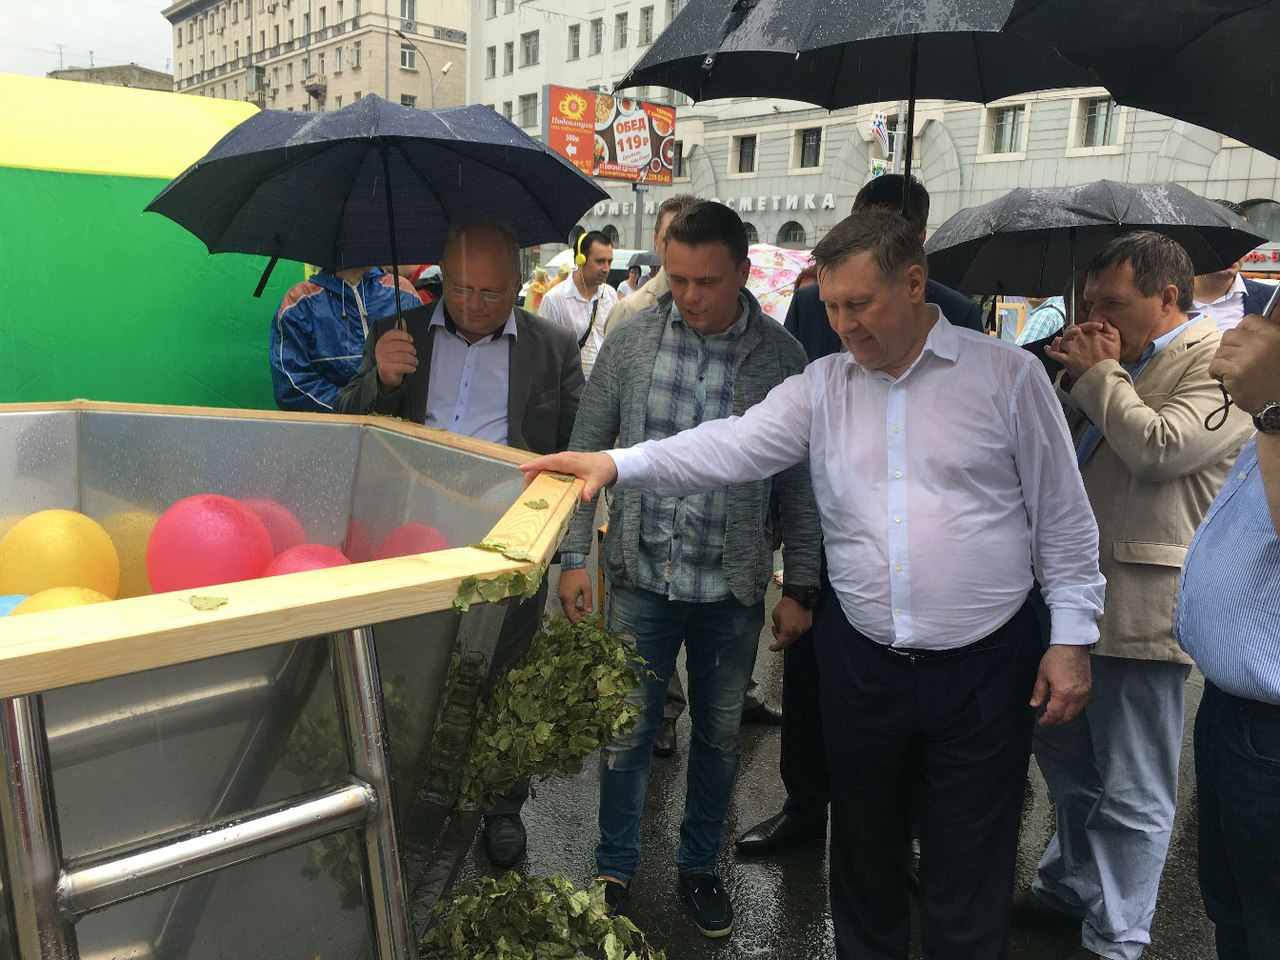 Анатолий Локоть трогает банный чан